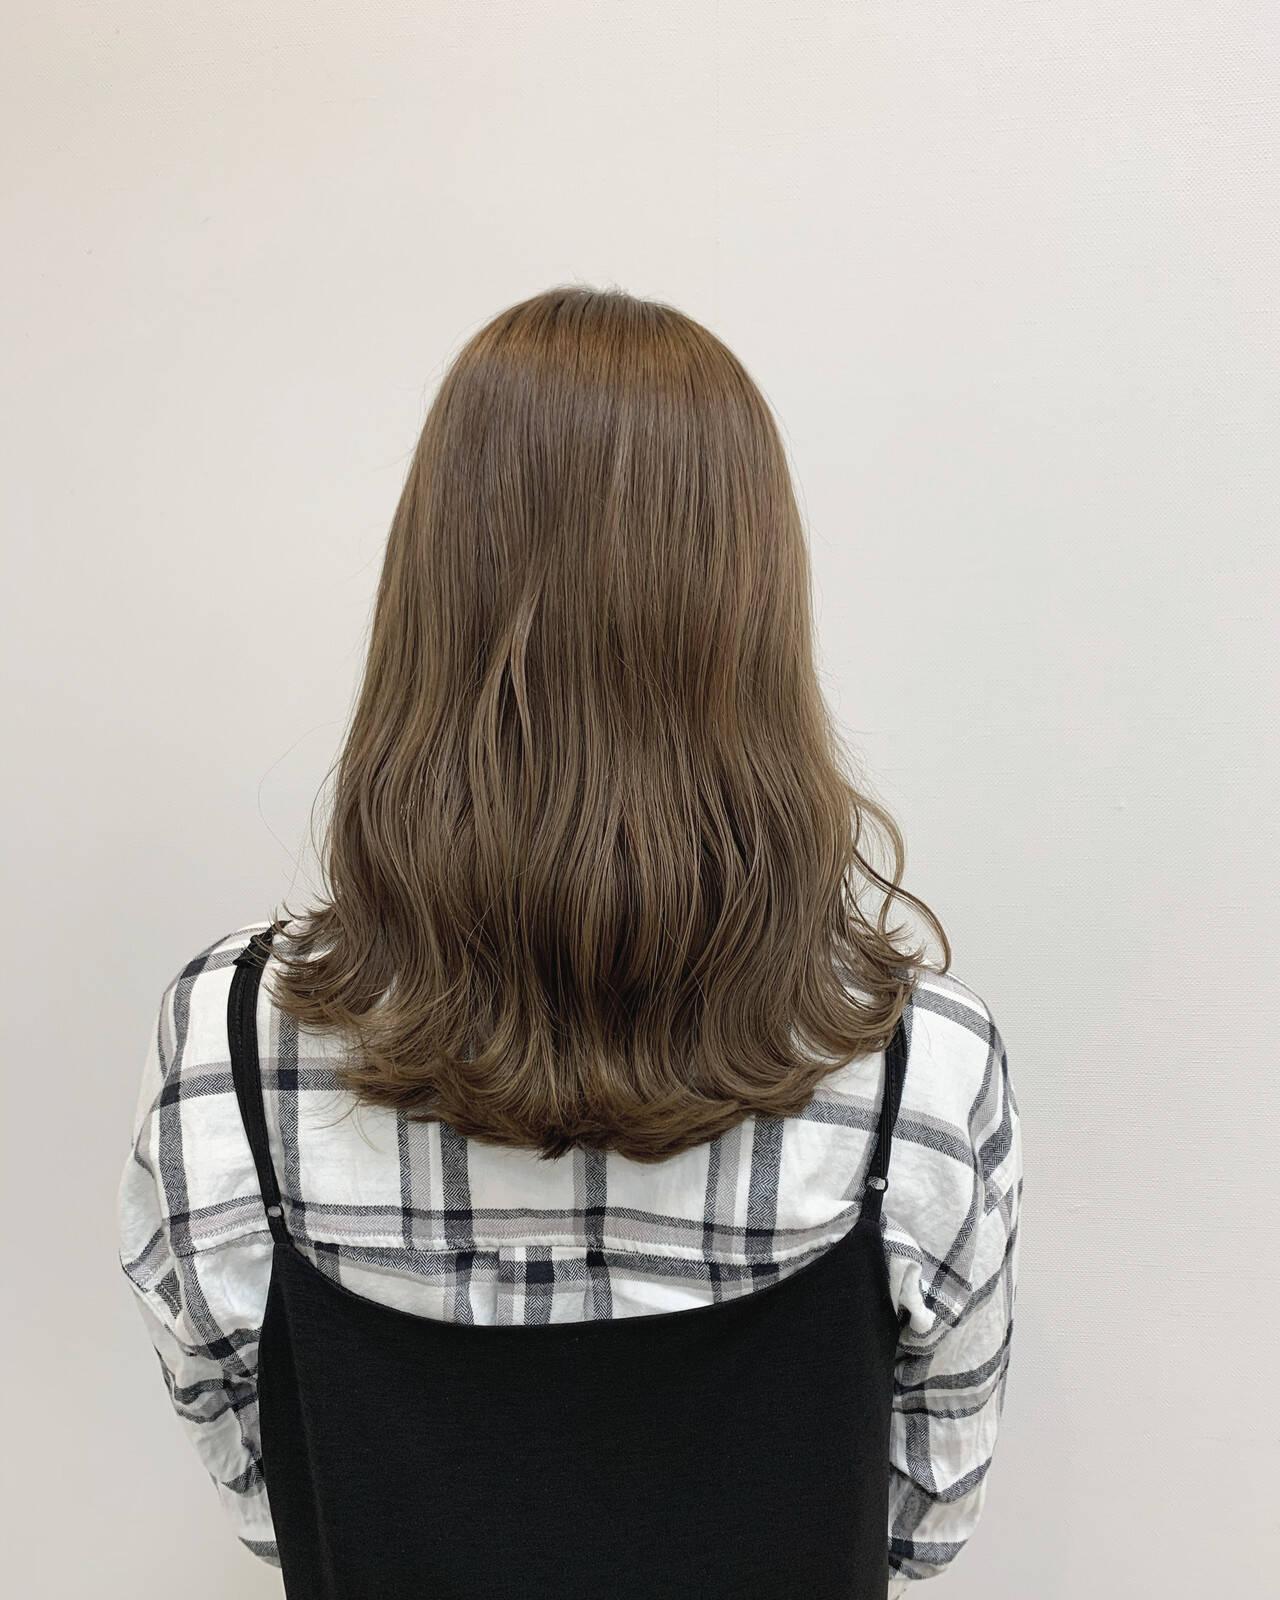 ミルクティーブラウン ミルクティーベージュ ミルクティー ミルクティーグレージュヘアスタイルや髪型の写真・画像